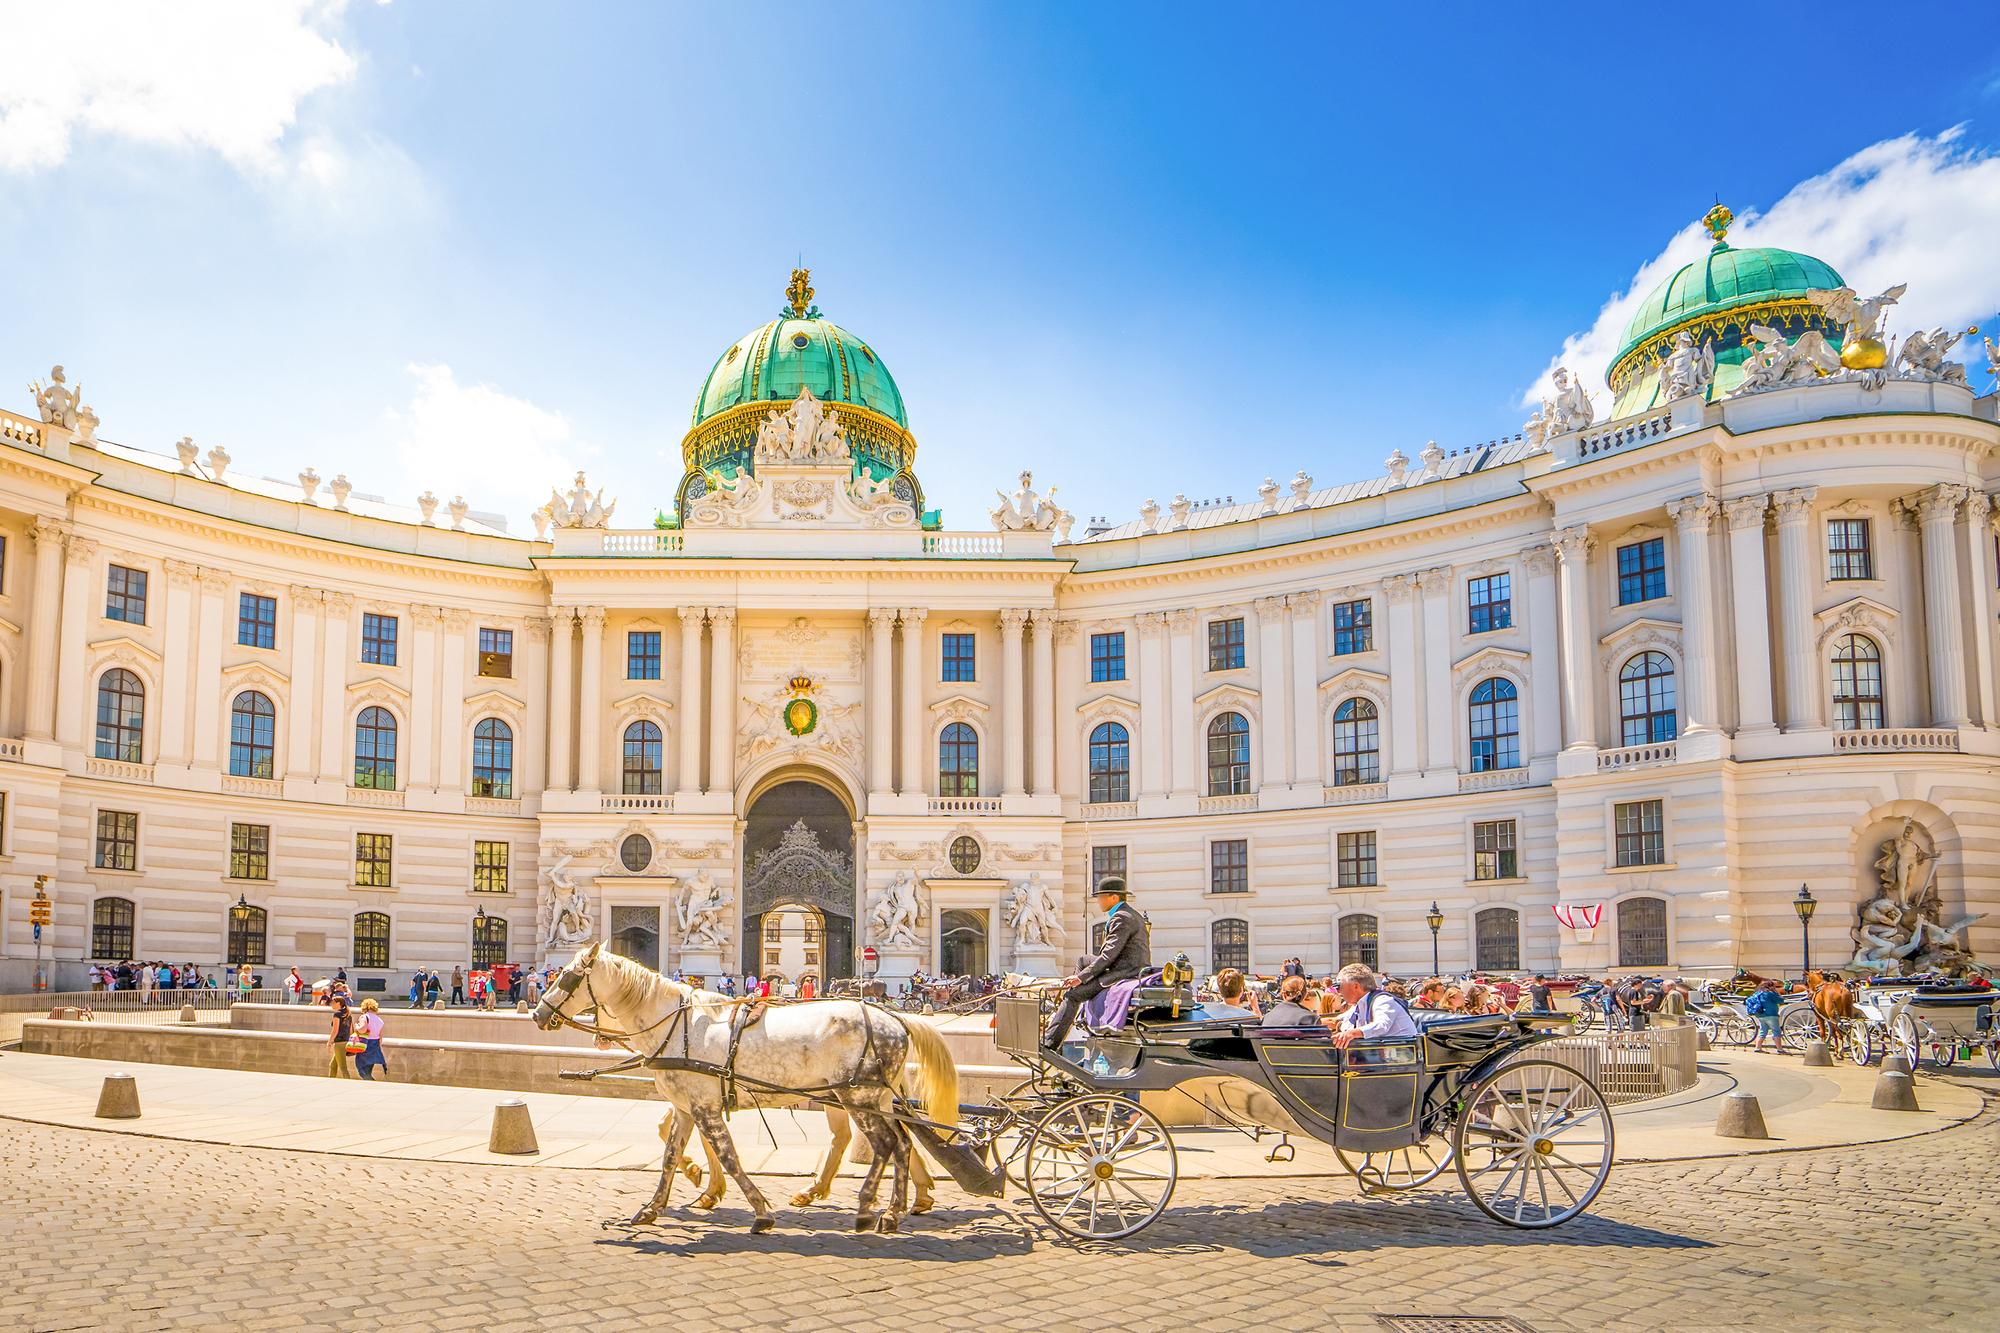 Alte Hofburg, Vienna, Austria, ; Shutterstock ID 391591339; Purchase Order: globista + intern